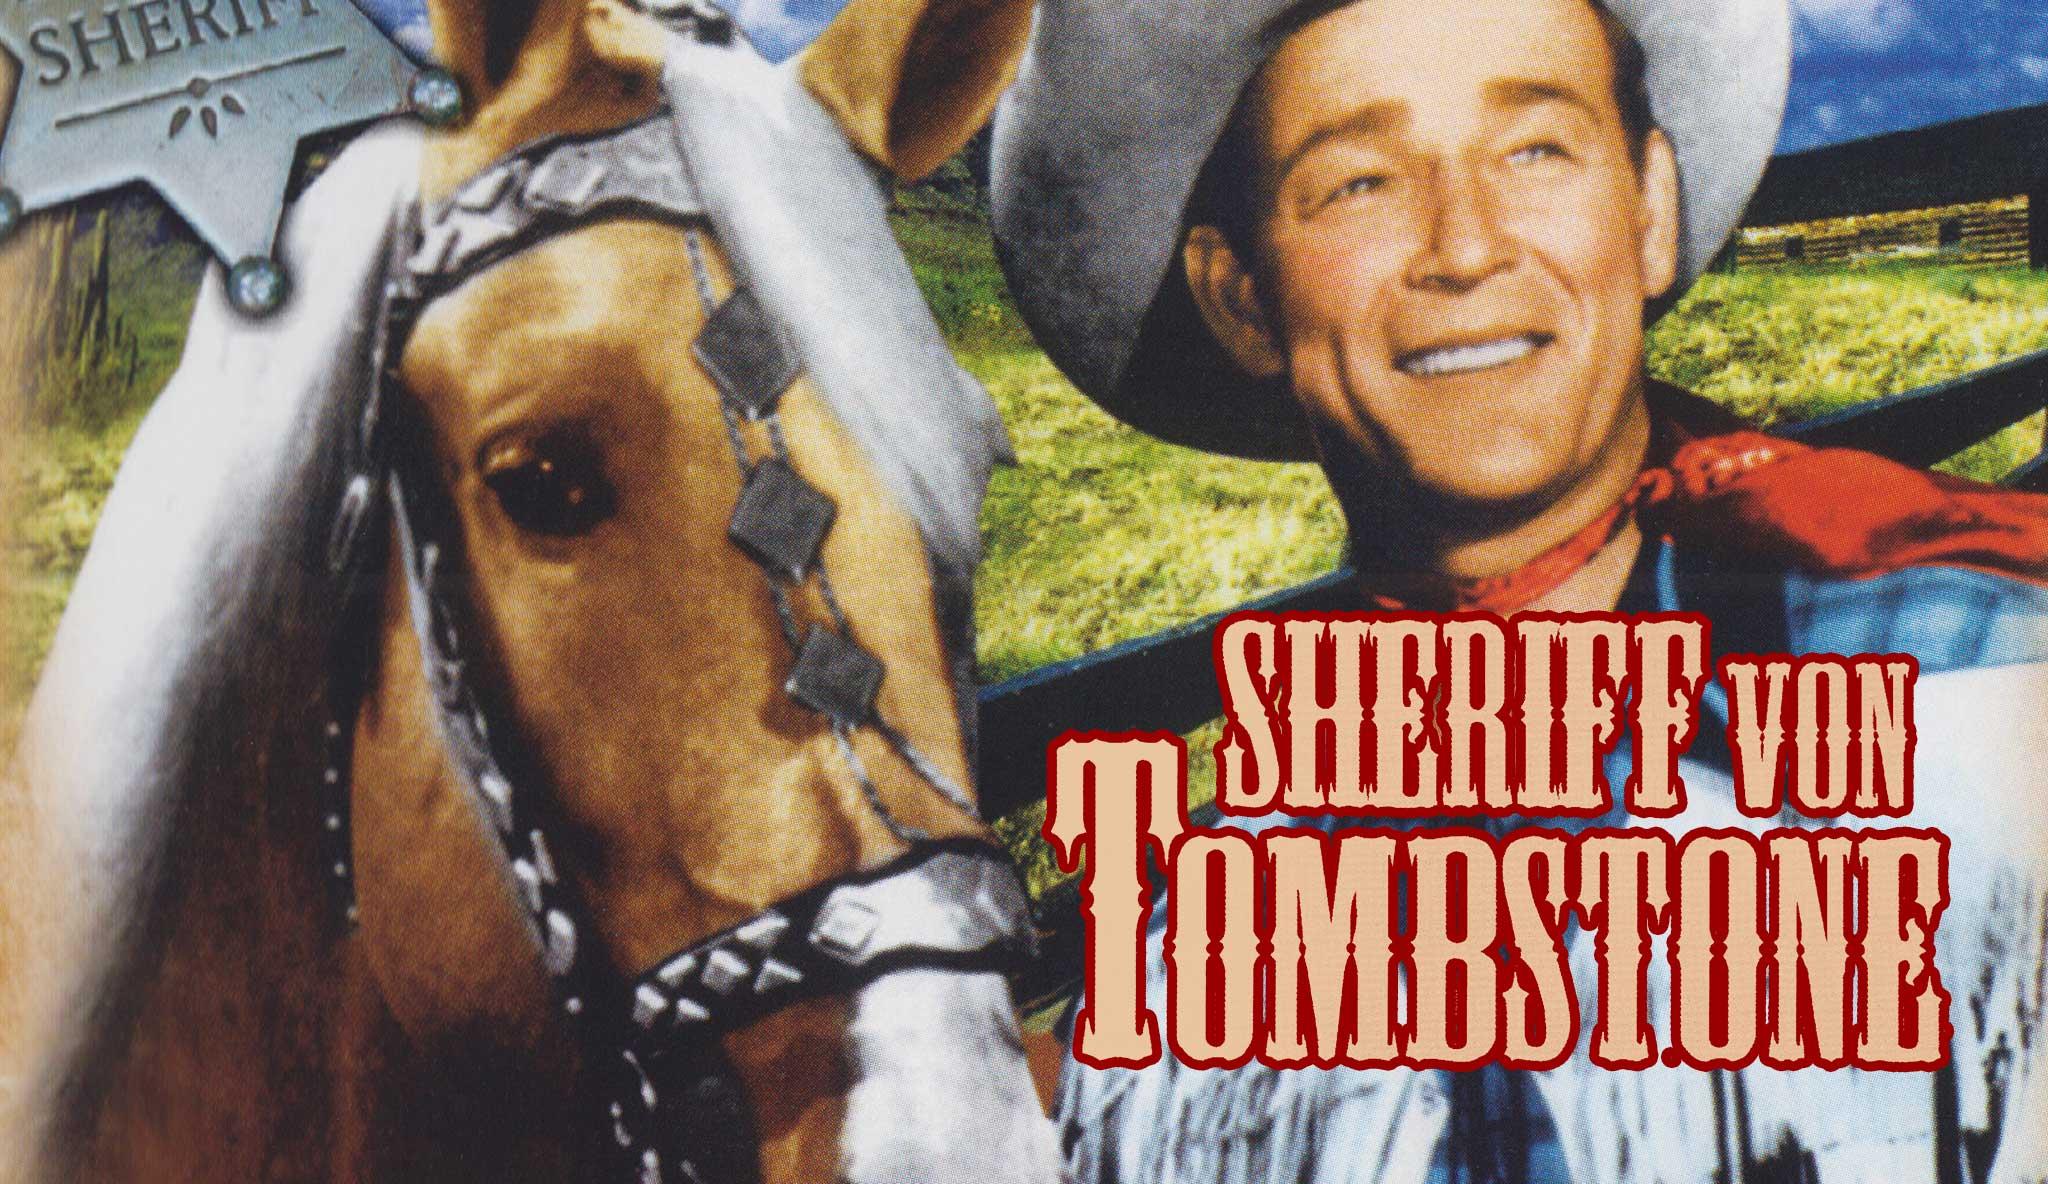 sheriff-von-tombstone-roy-rogers\header.jpg